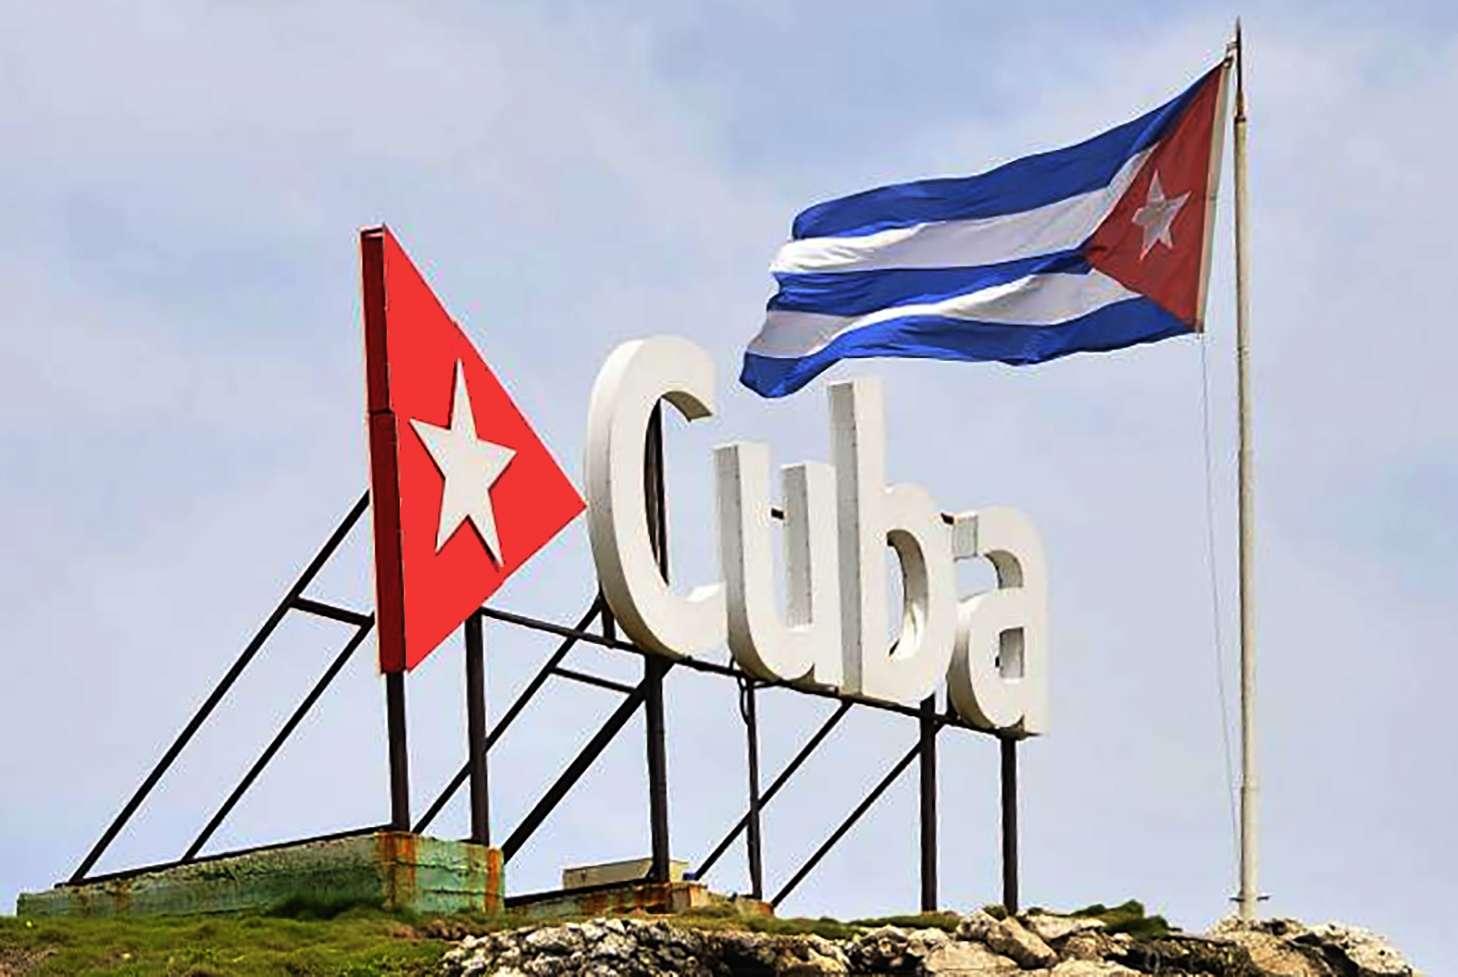 Continúa apoyo internacional a Cuba ante intentos desestabilizadores